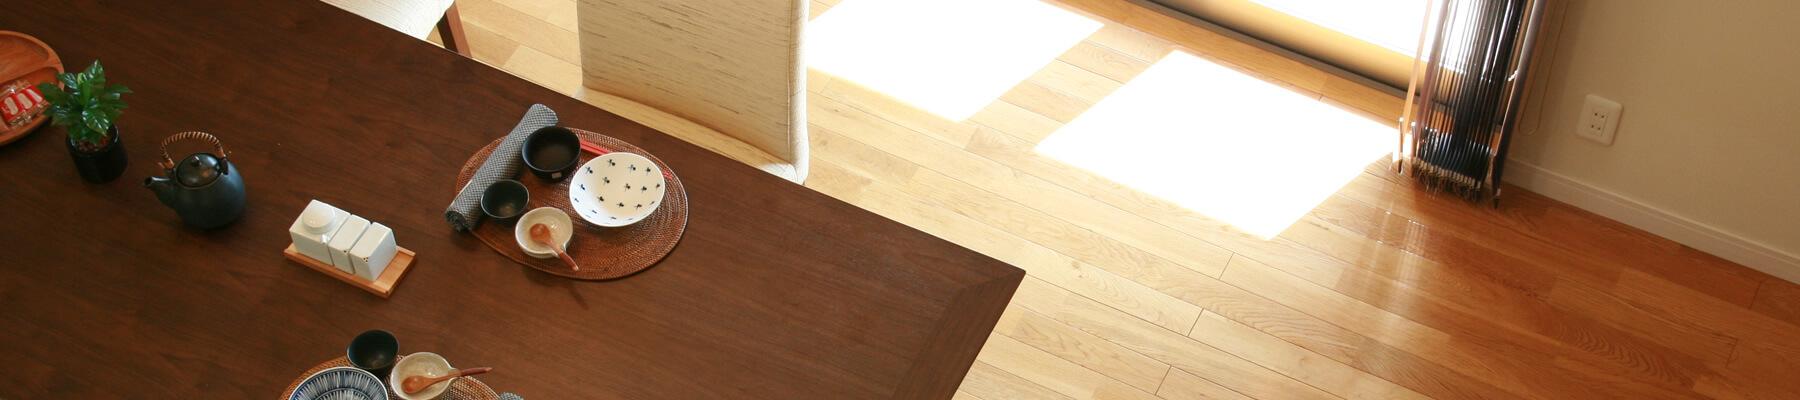 日記|安水建設|愛知県安城市を中心に三河エリアの木造注文住宅・リフォーム